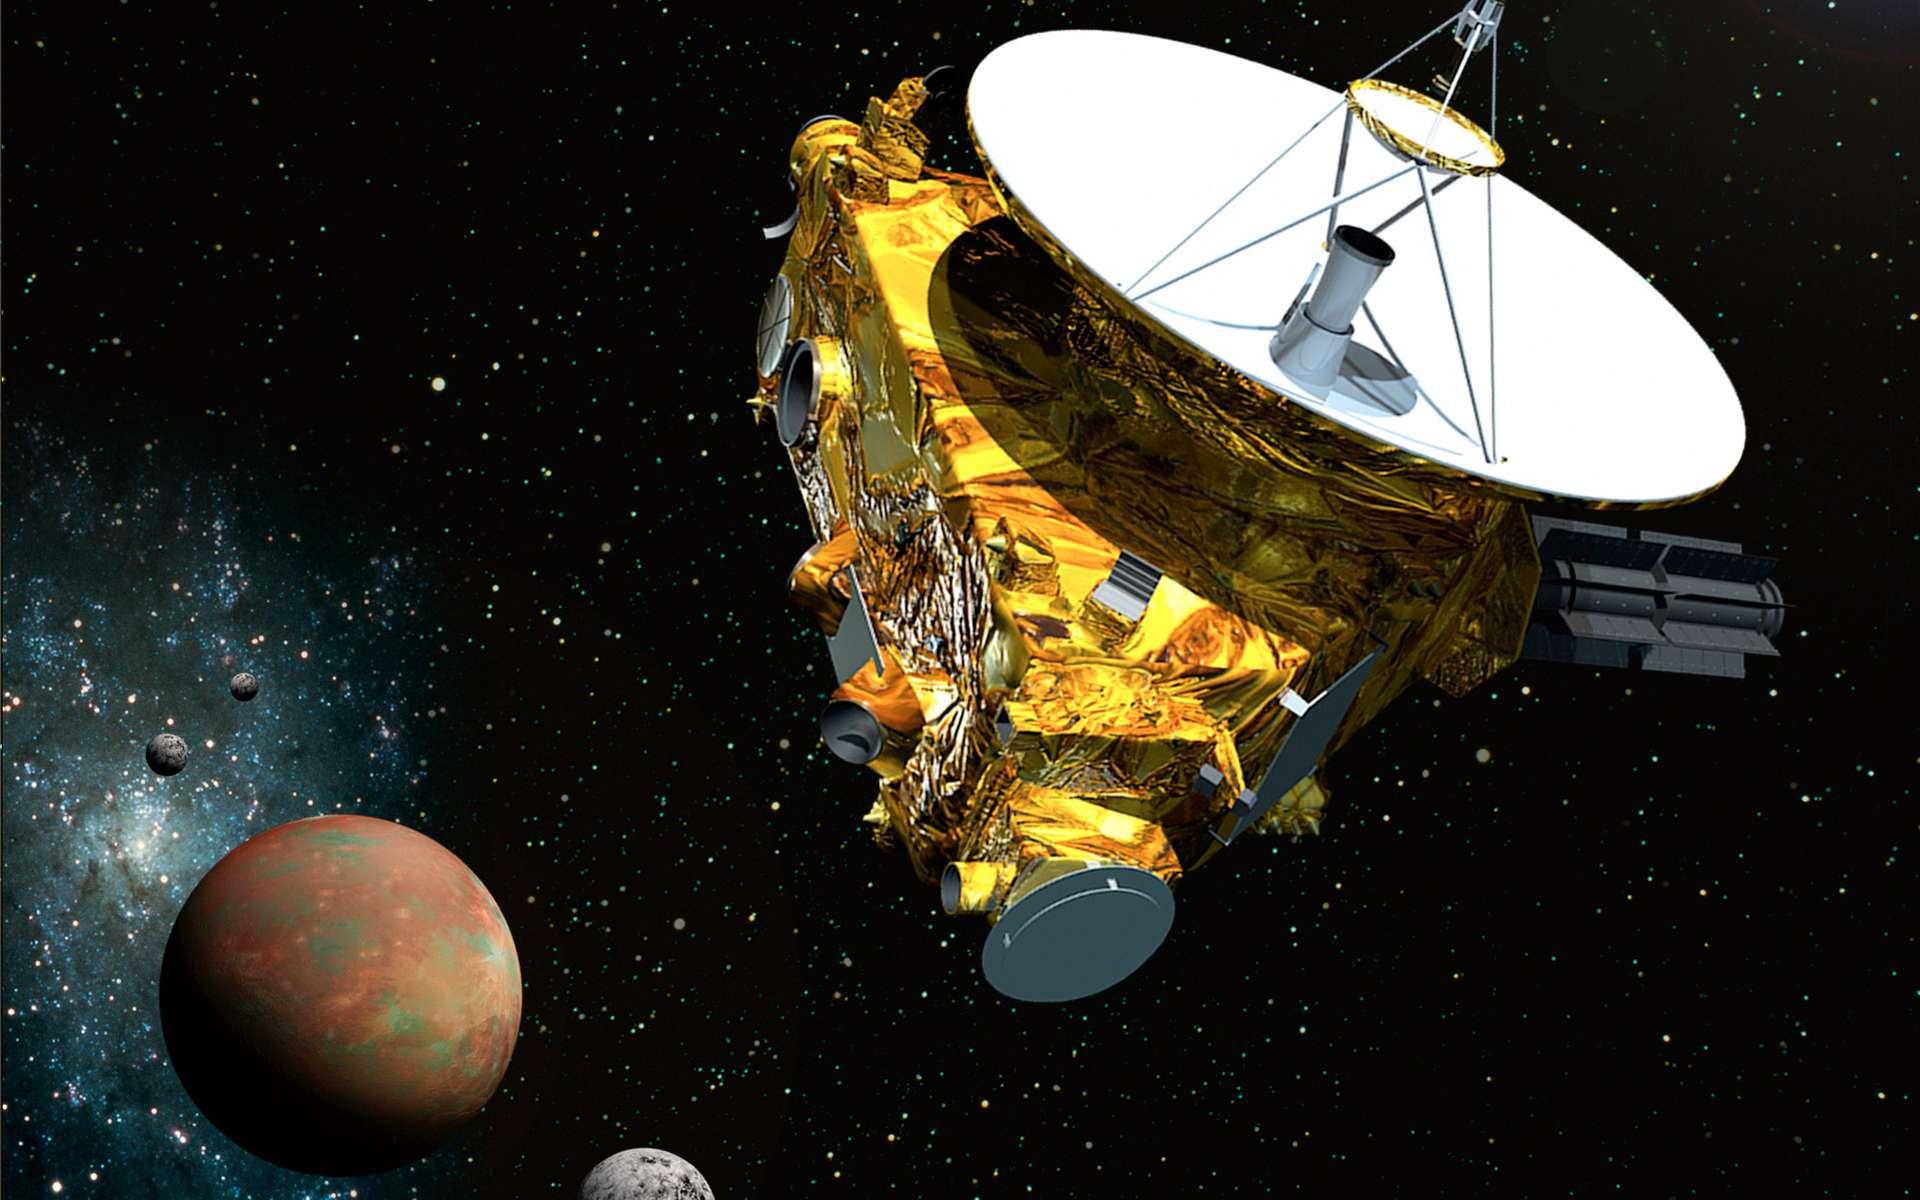 Lancée en janvier 2006, la sonde New Horizons sera le premier engin à rejoindre Pluton en juillet 2015. Elle a effectué un détour par Jupiter pour augmenter sa vitesse. © (JHUAPL, SwRI)